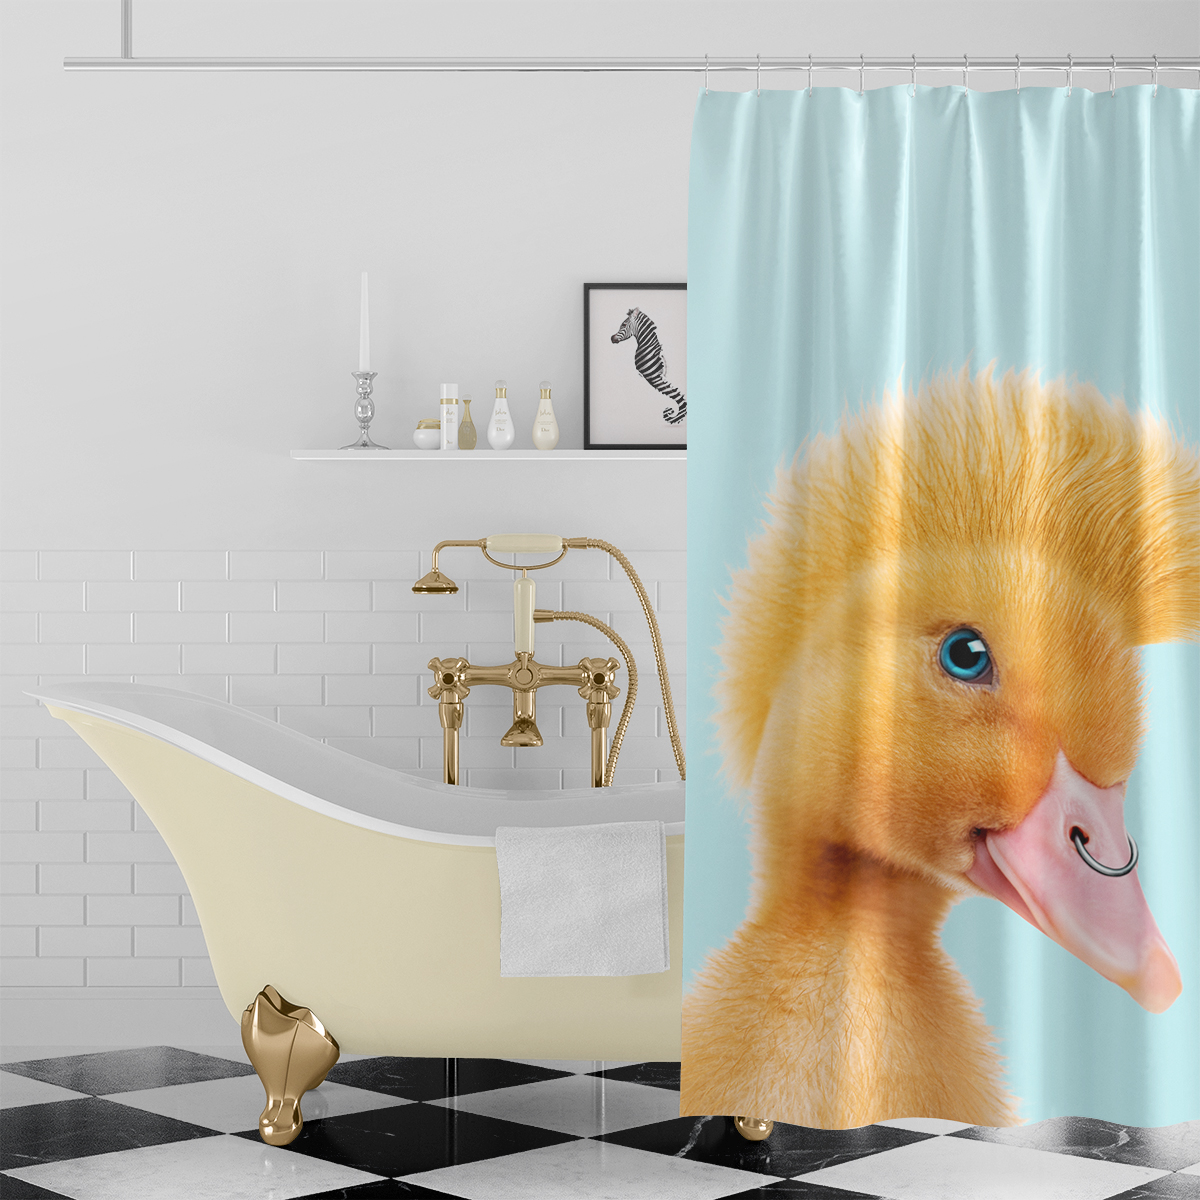 Bad & Küche - Handtücher, Duschvorhänge und mehr